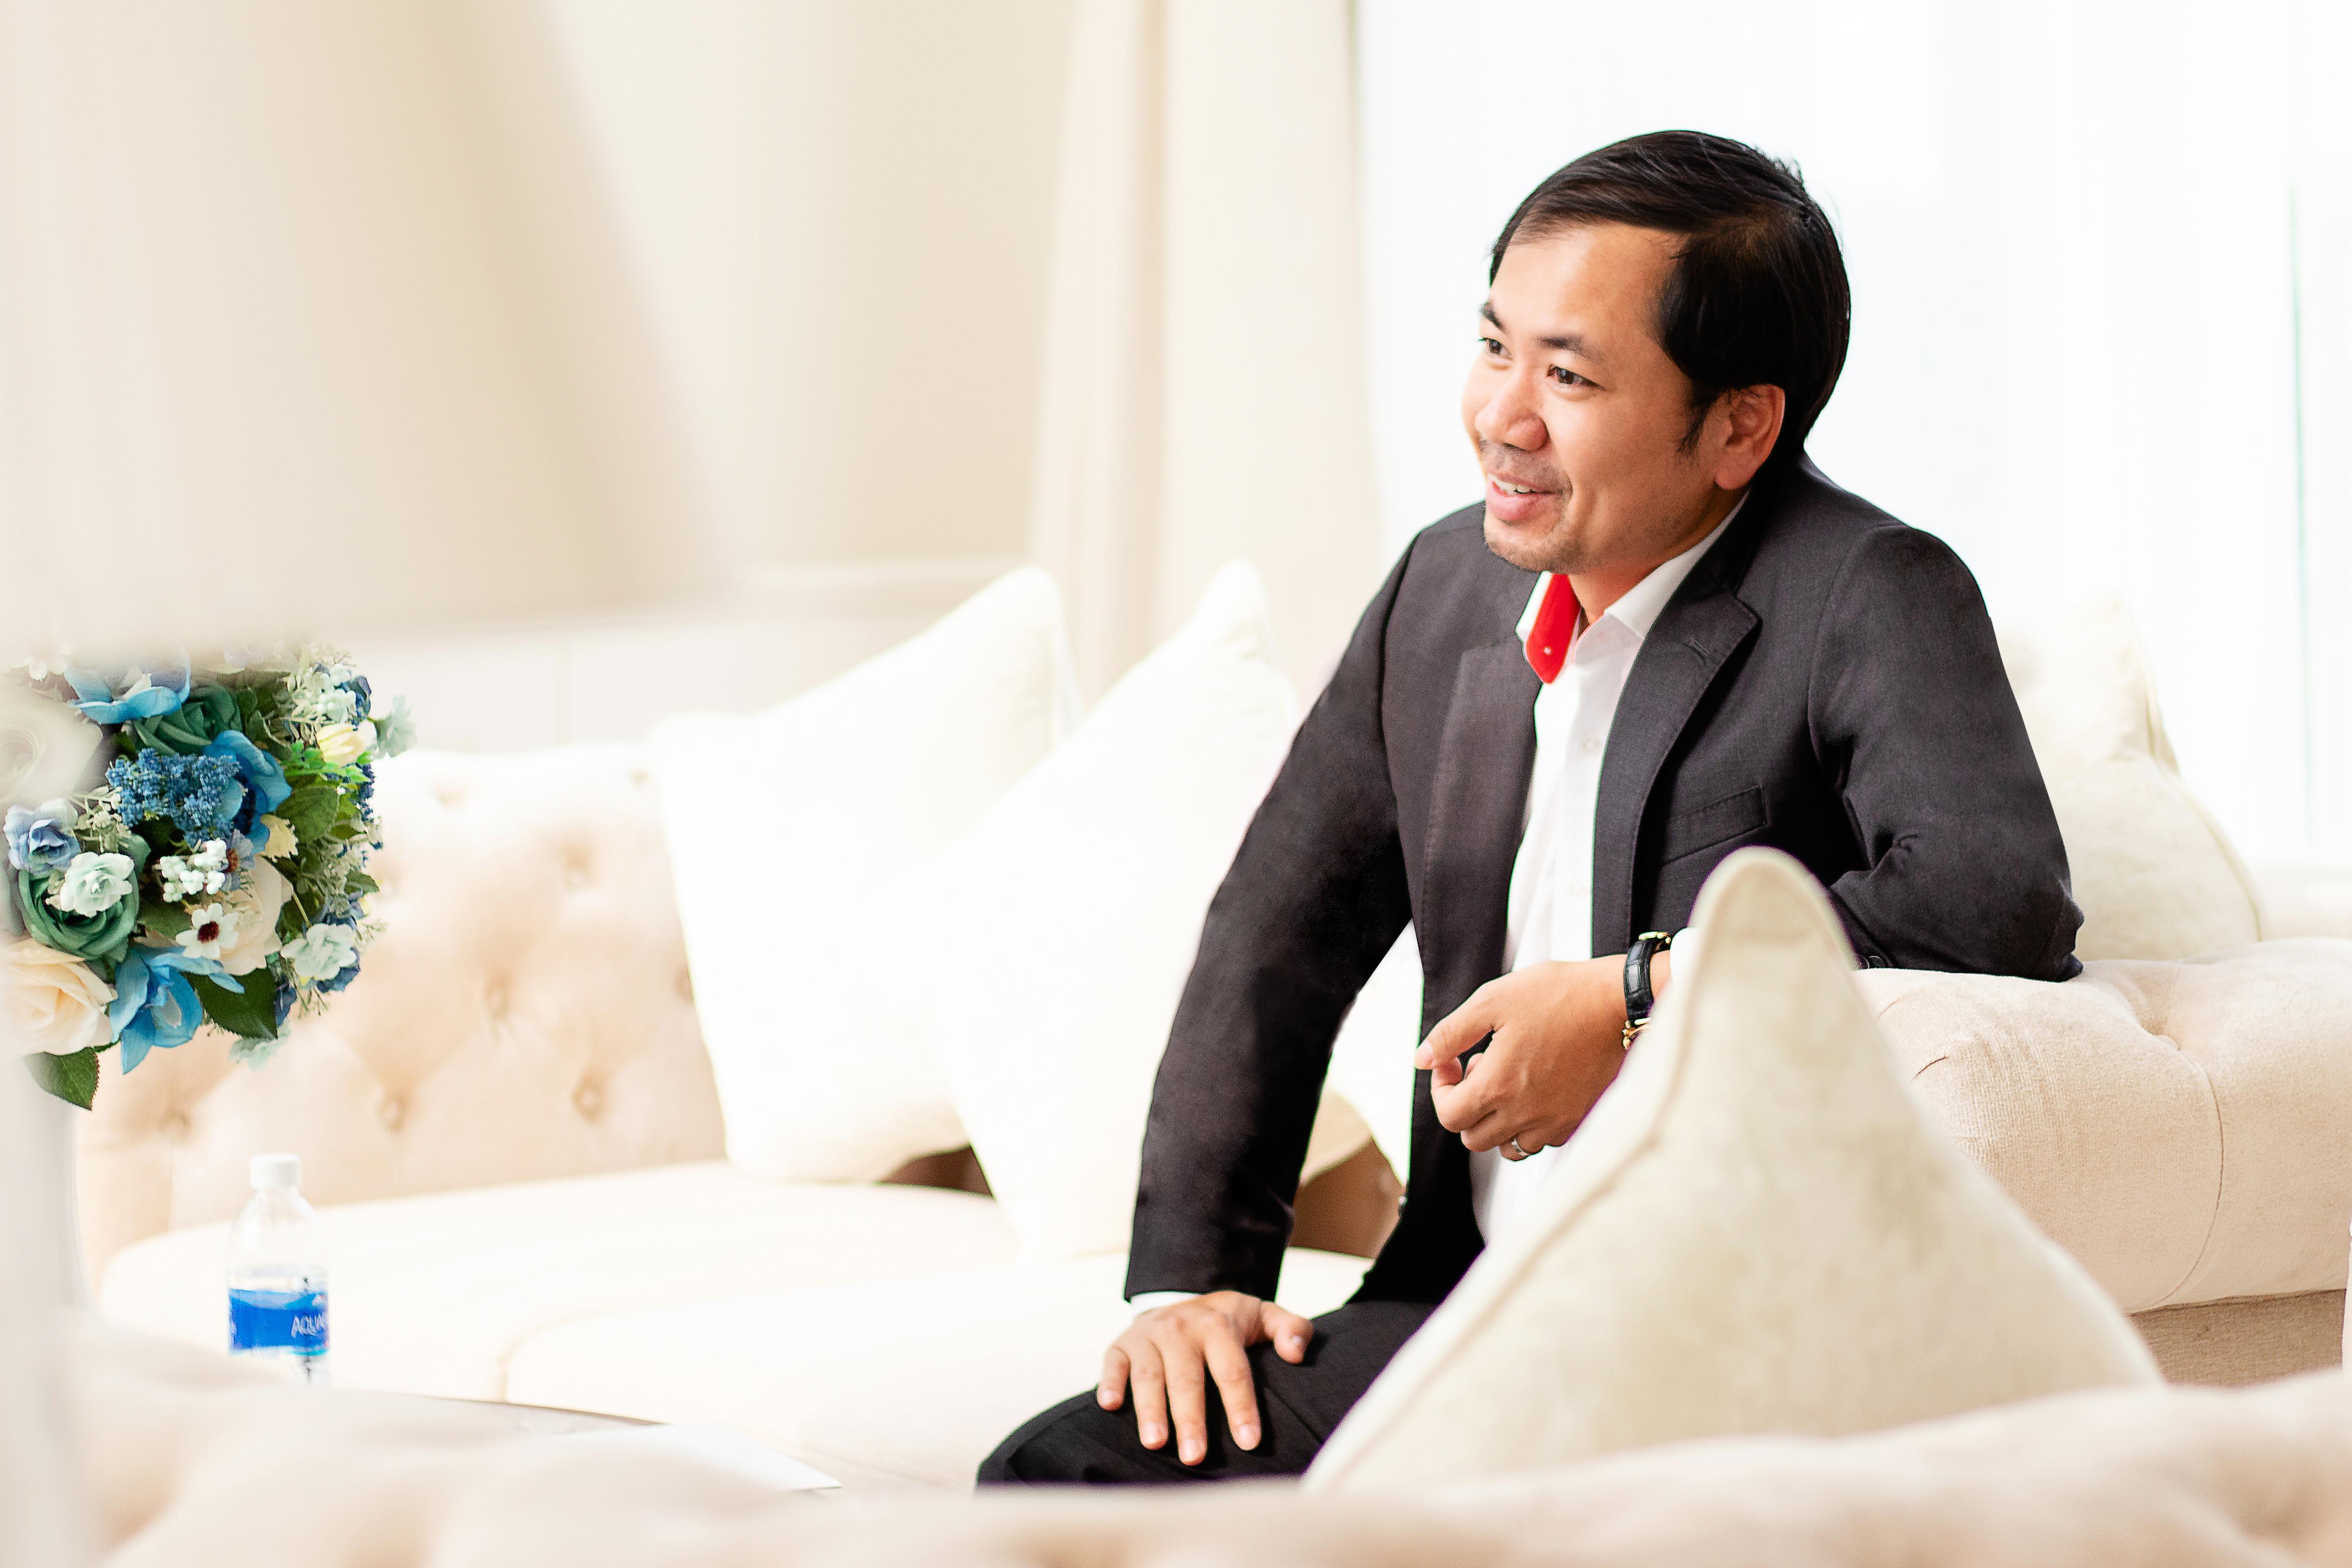 Tổng giám đốc Công ty SCC - Ông Trần Việt Anh